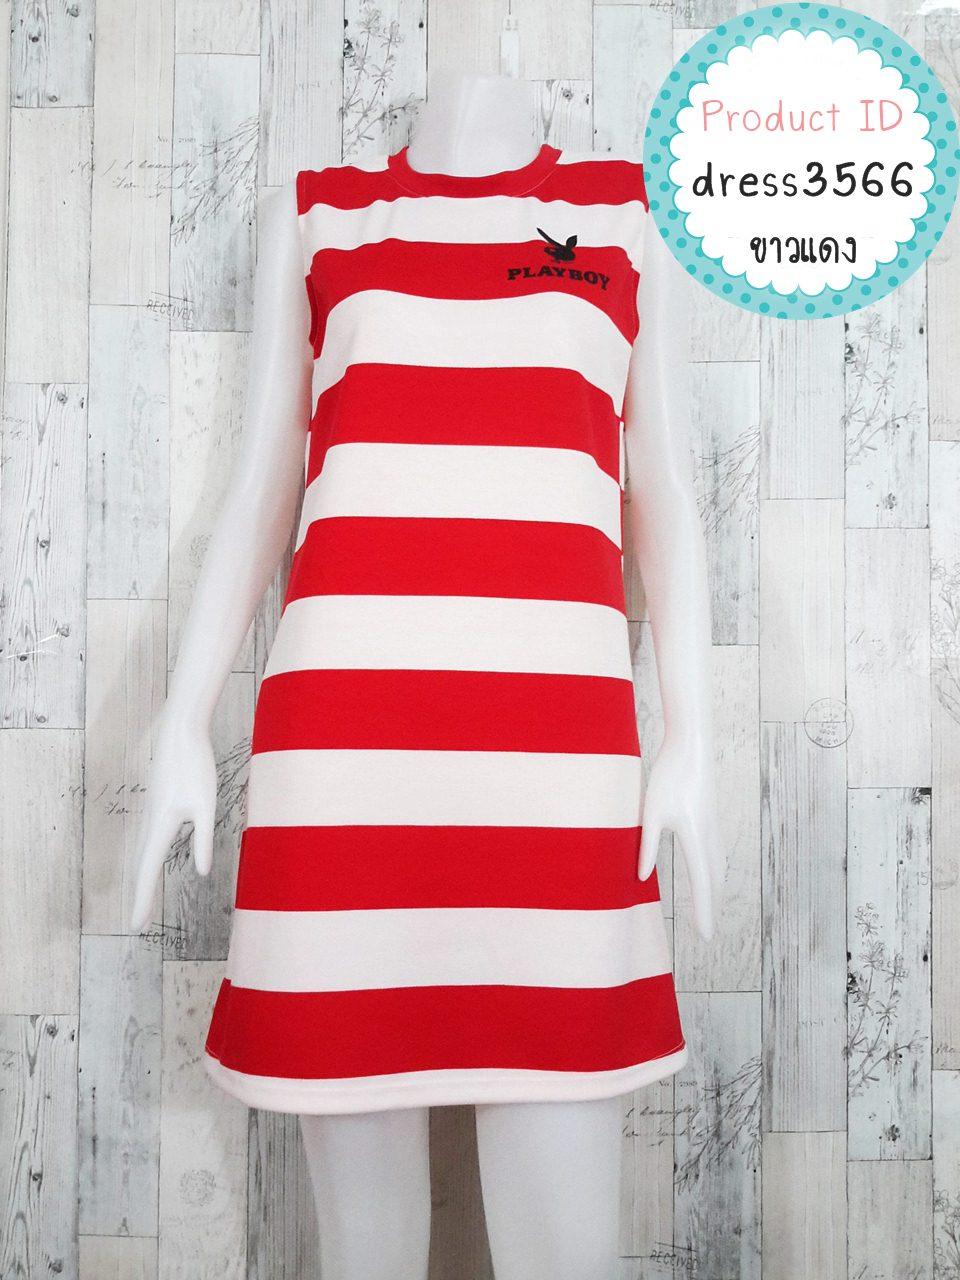 LOT SALE!! Dress3566 ชุดเดรสน่ารัก อกสกรีนกระต่าย Playboy ผ้าแมงโก้ยืดเนื้อนิ่มหนาสวย ลายริ้วใหญ่สีขาวแดง